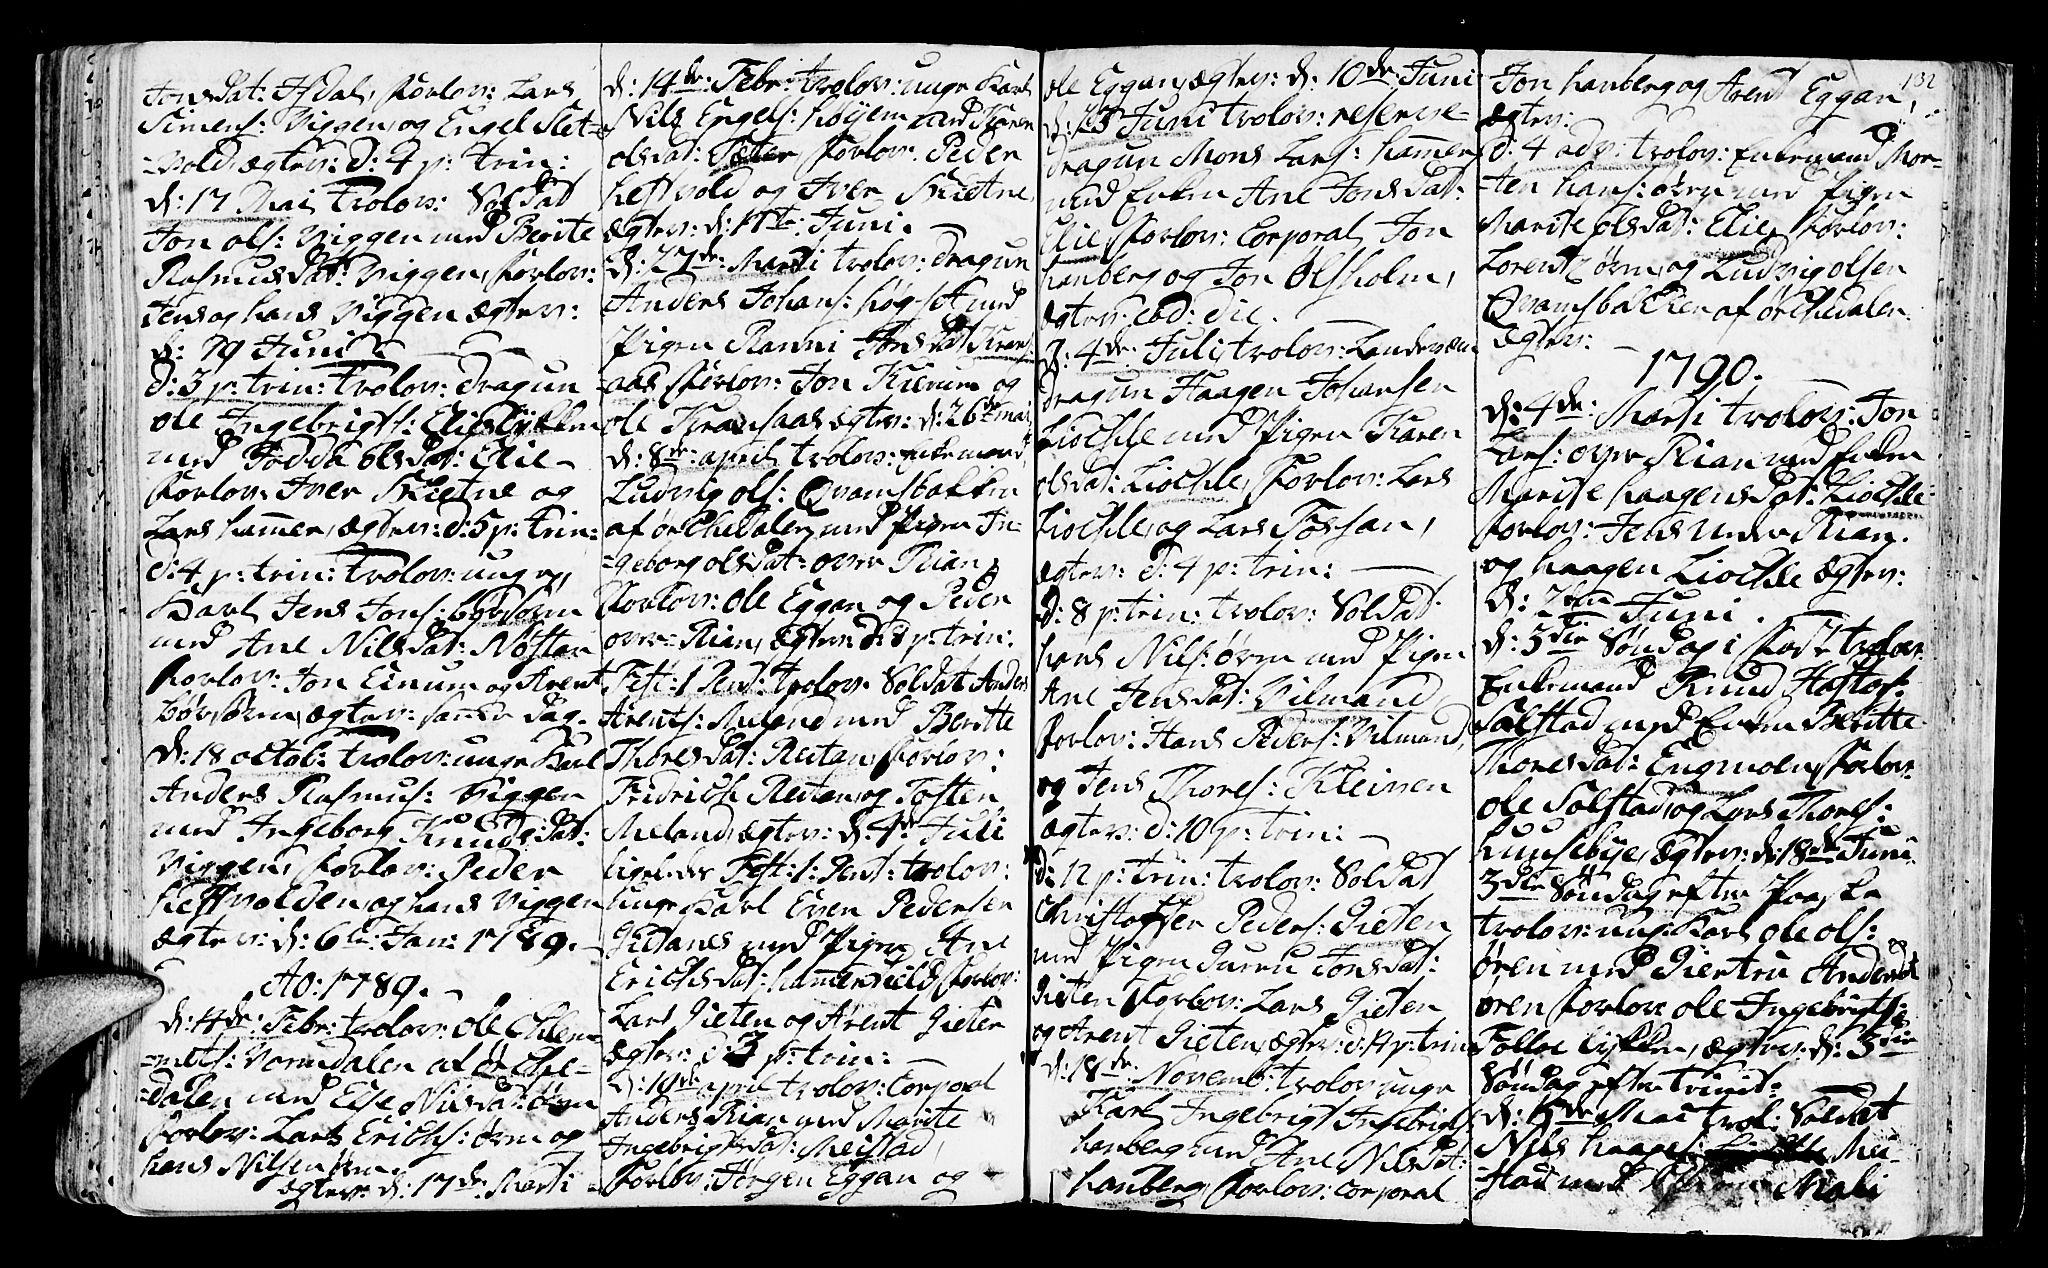 SAT, Ministerialprotokoller, klokkerbøker og fødselsregistre - Sør-Trøndelag, 665/L0768: Ministerialbok nr. 665A03, 1754-1803, s. 132